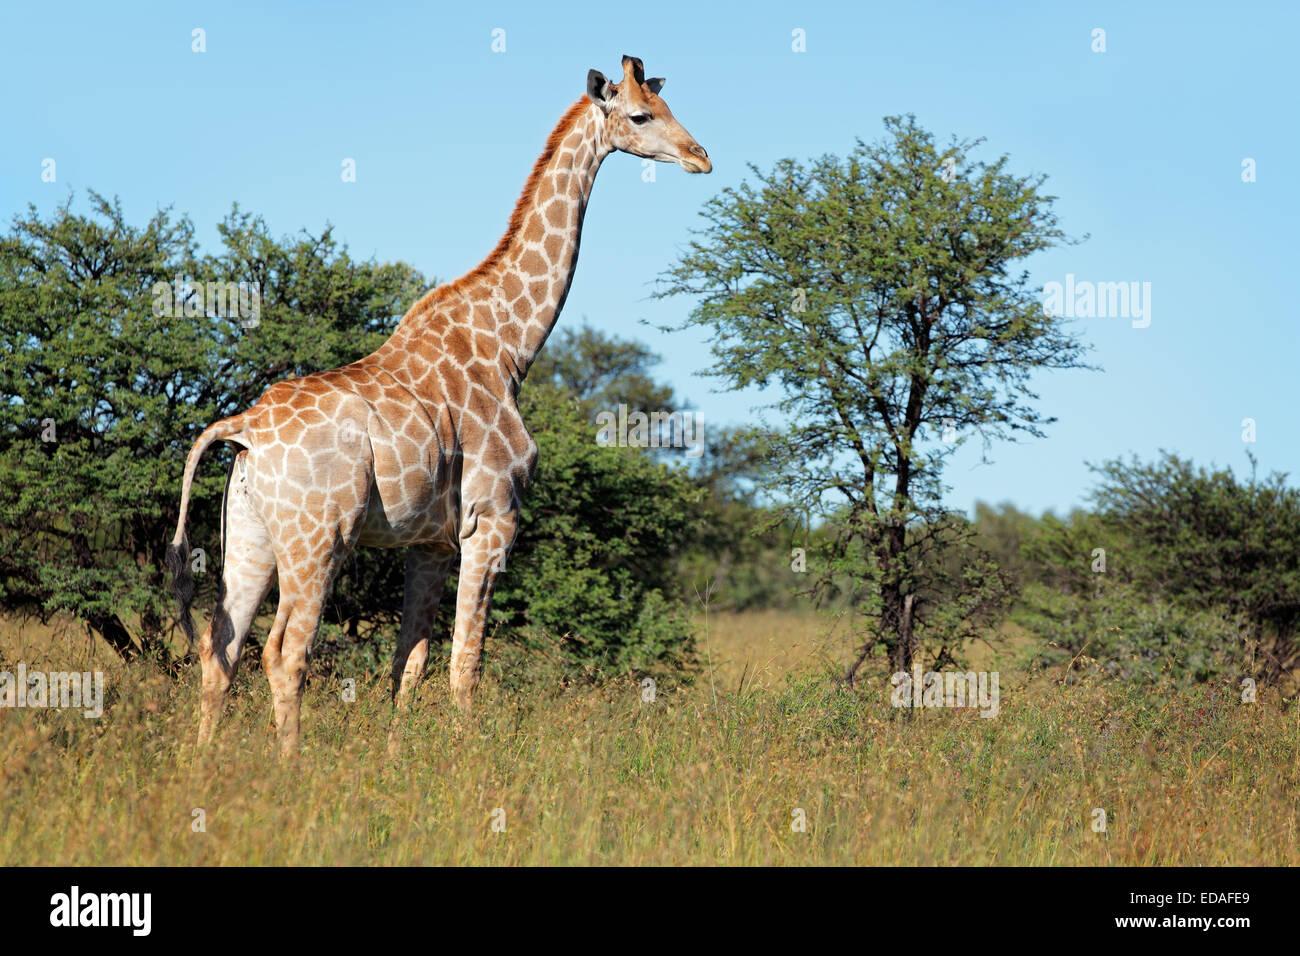 Una jirafa (Giraffa camelopardalis) en su hábitat natural, Sudáfrica Imagen De Stock